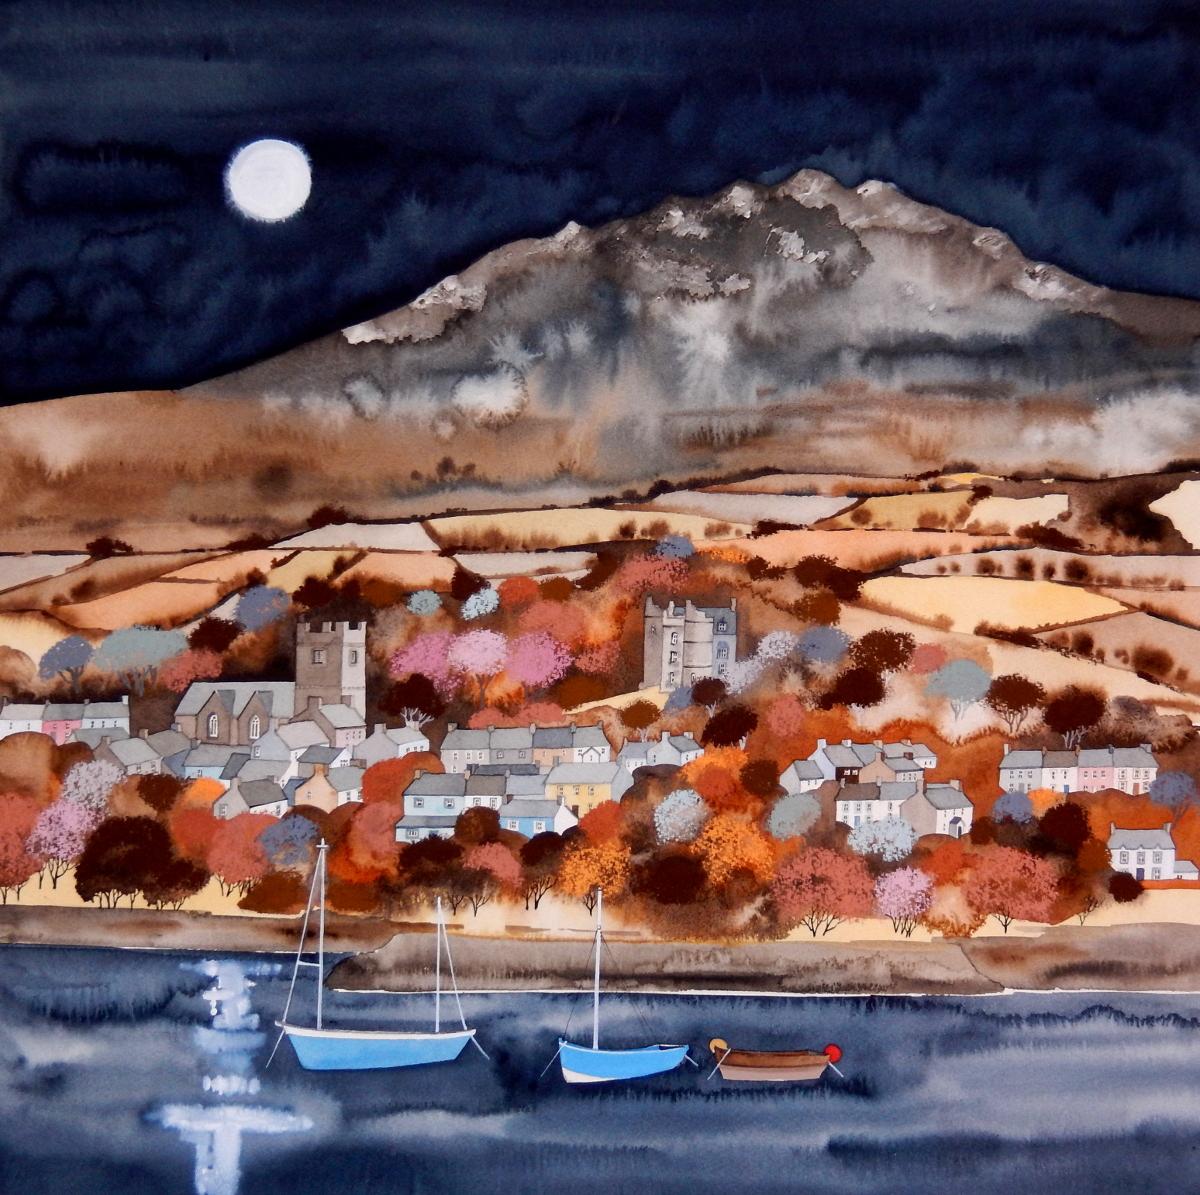 Newport in the Moonlight